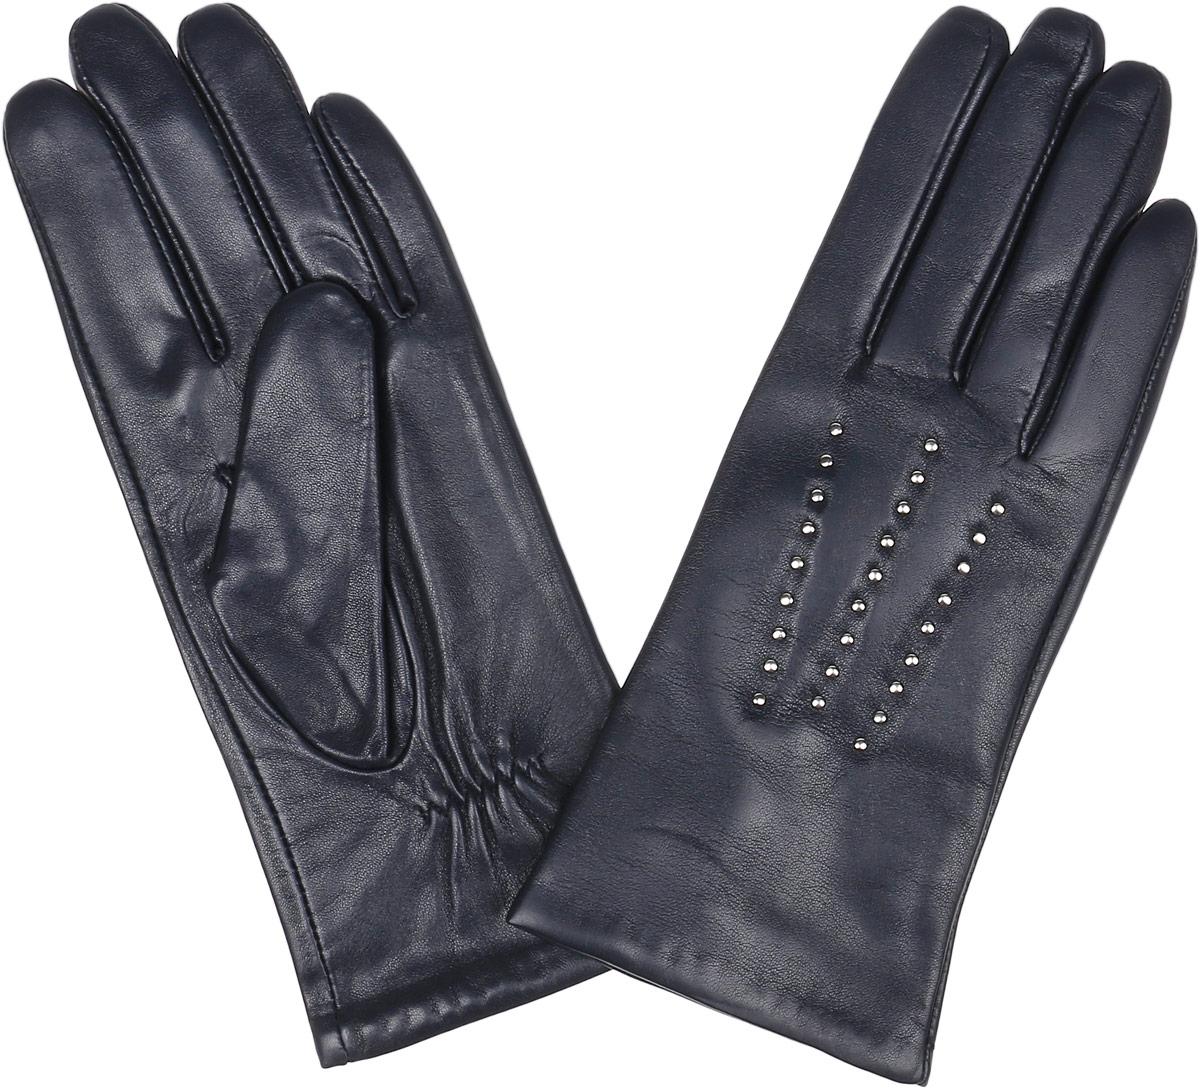 Перчатки женские Fabretti, цвет: темно-синий. 15.1-12. Размер 715.1-12_navyСтильные женские перчатки Fabretti не только защитят ваши руки, но и станут великолепным украшением. Перчатки выполнены из натуральной кожи ягненка, а их подкладка - из высококачественной шерсти с добавлением кашемира.Модель оформлена оригинальными металлическими клепками и дополнена строчками -стежками на запястье.Стильный аксессуар для повседневного образа.